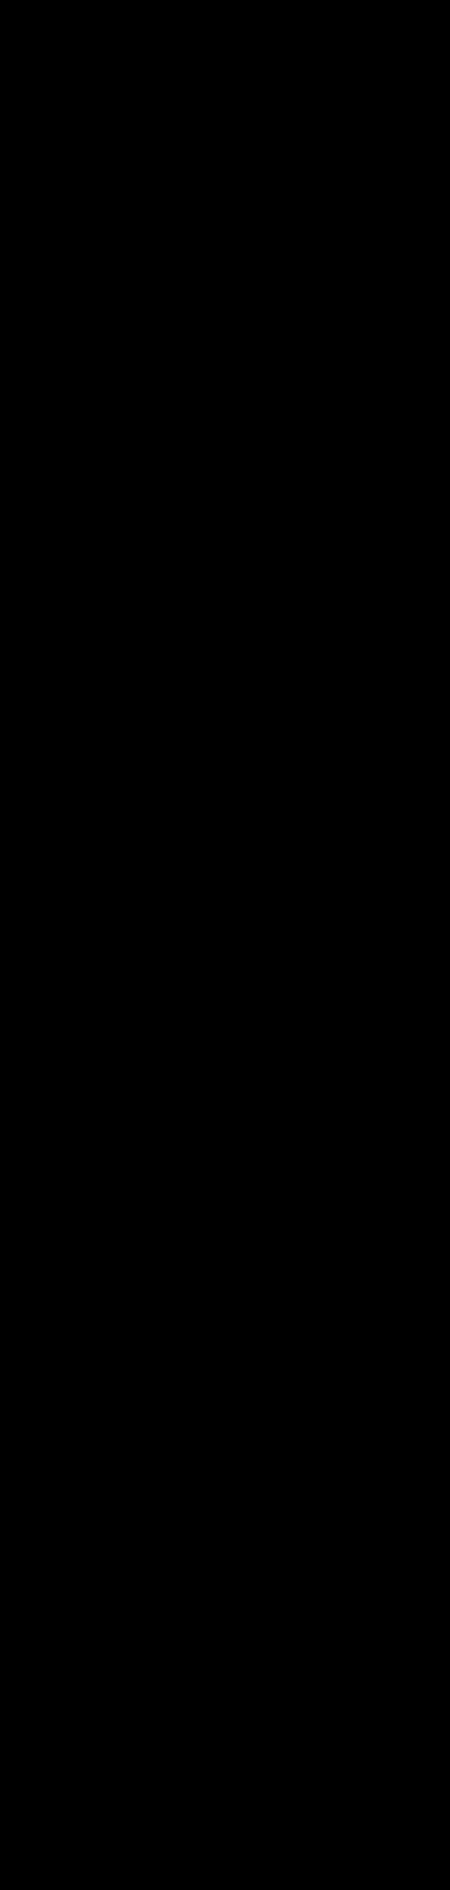 คอร์ดกีต้า คอร์ด เพลง รักเดียใจเดีัยว(cover by ผัดไท)